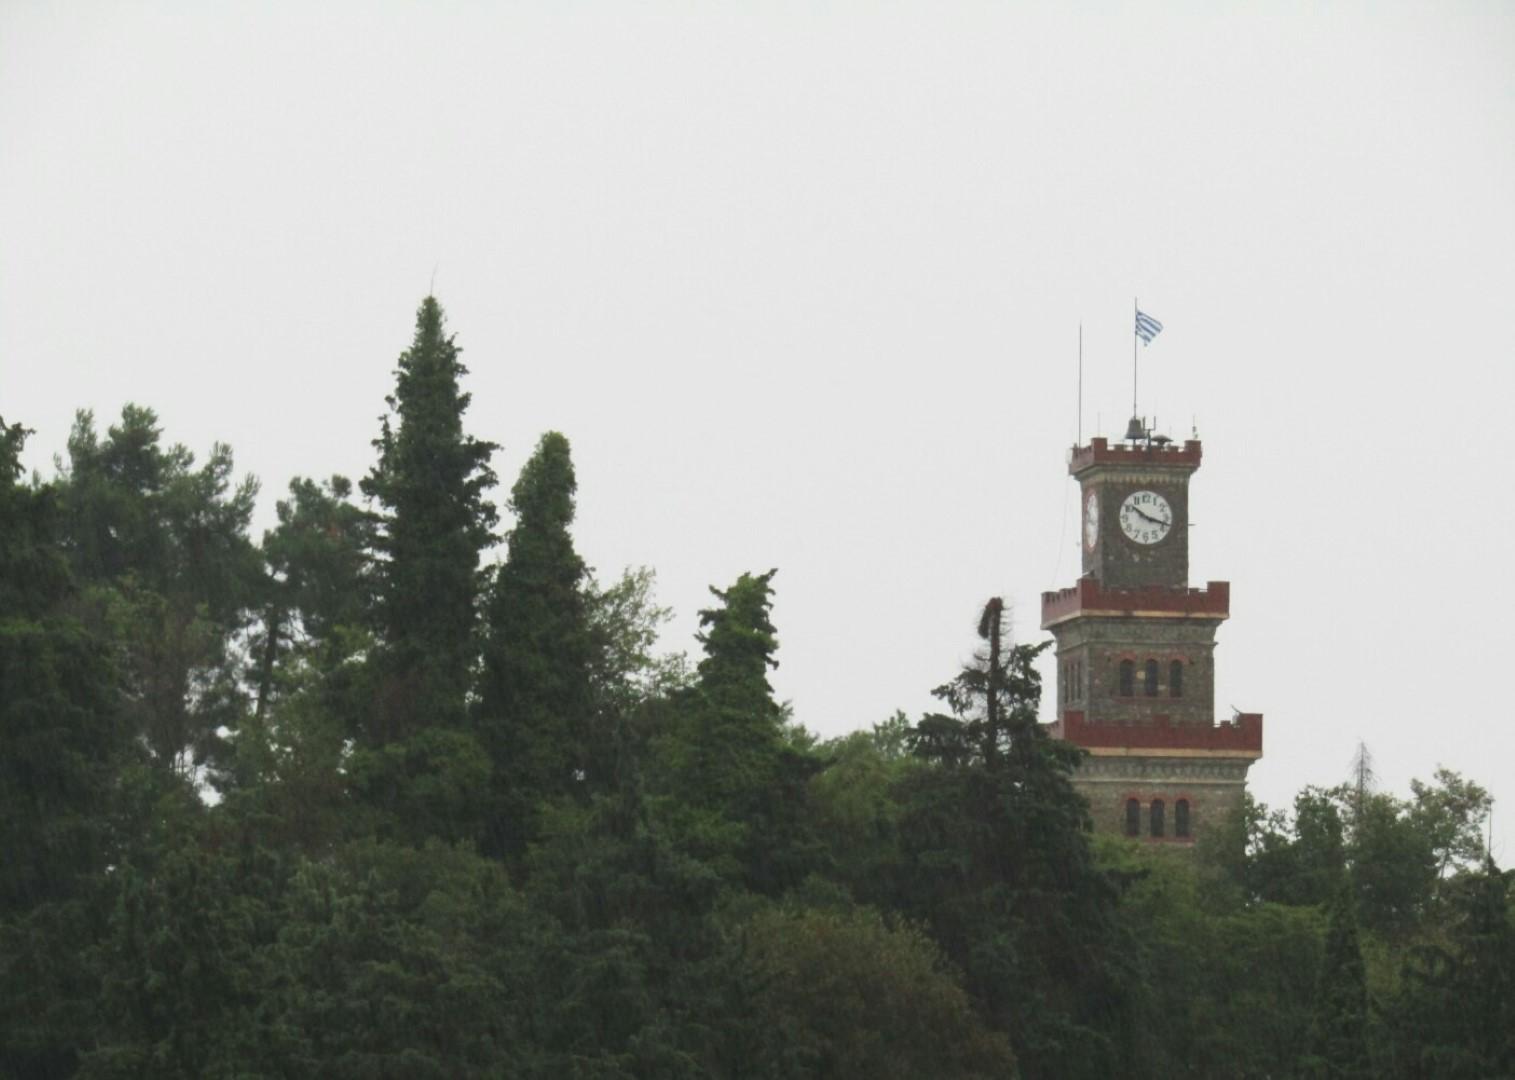 Ραγδαία επιδείνωση του καιρού τα επόμενα 24ωρα στα Τρίκαλα